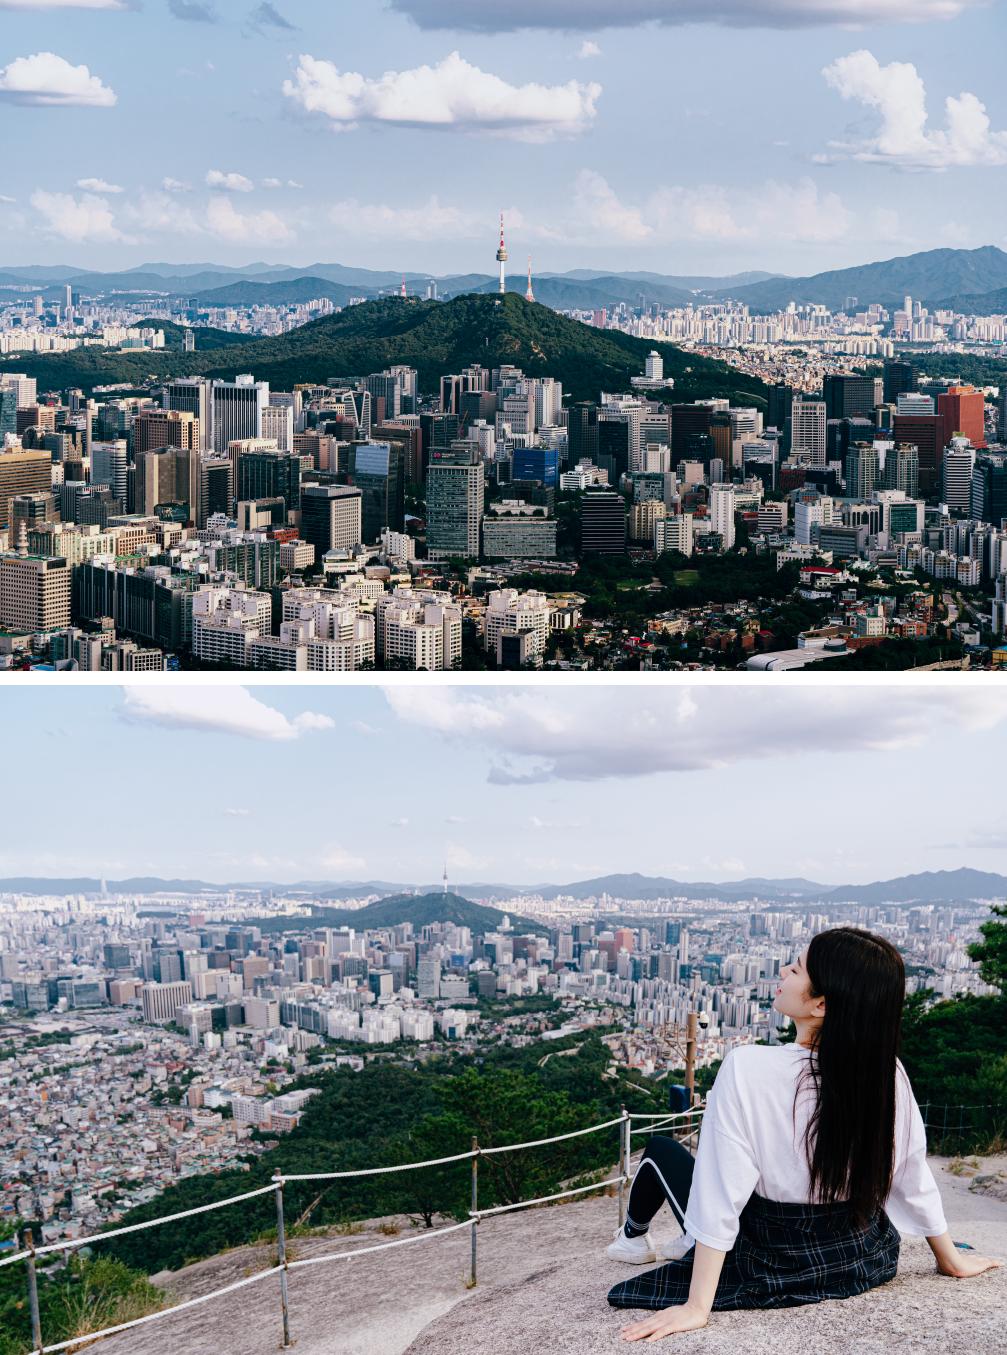 사진 두개의 합. 위에는 인왕산 정상에서 내려다 본 서울의 전망. 아래 사진은 정상 돌 위에 휴식을 취하고 있는 여자가 있다.